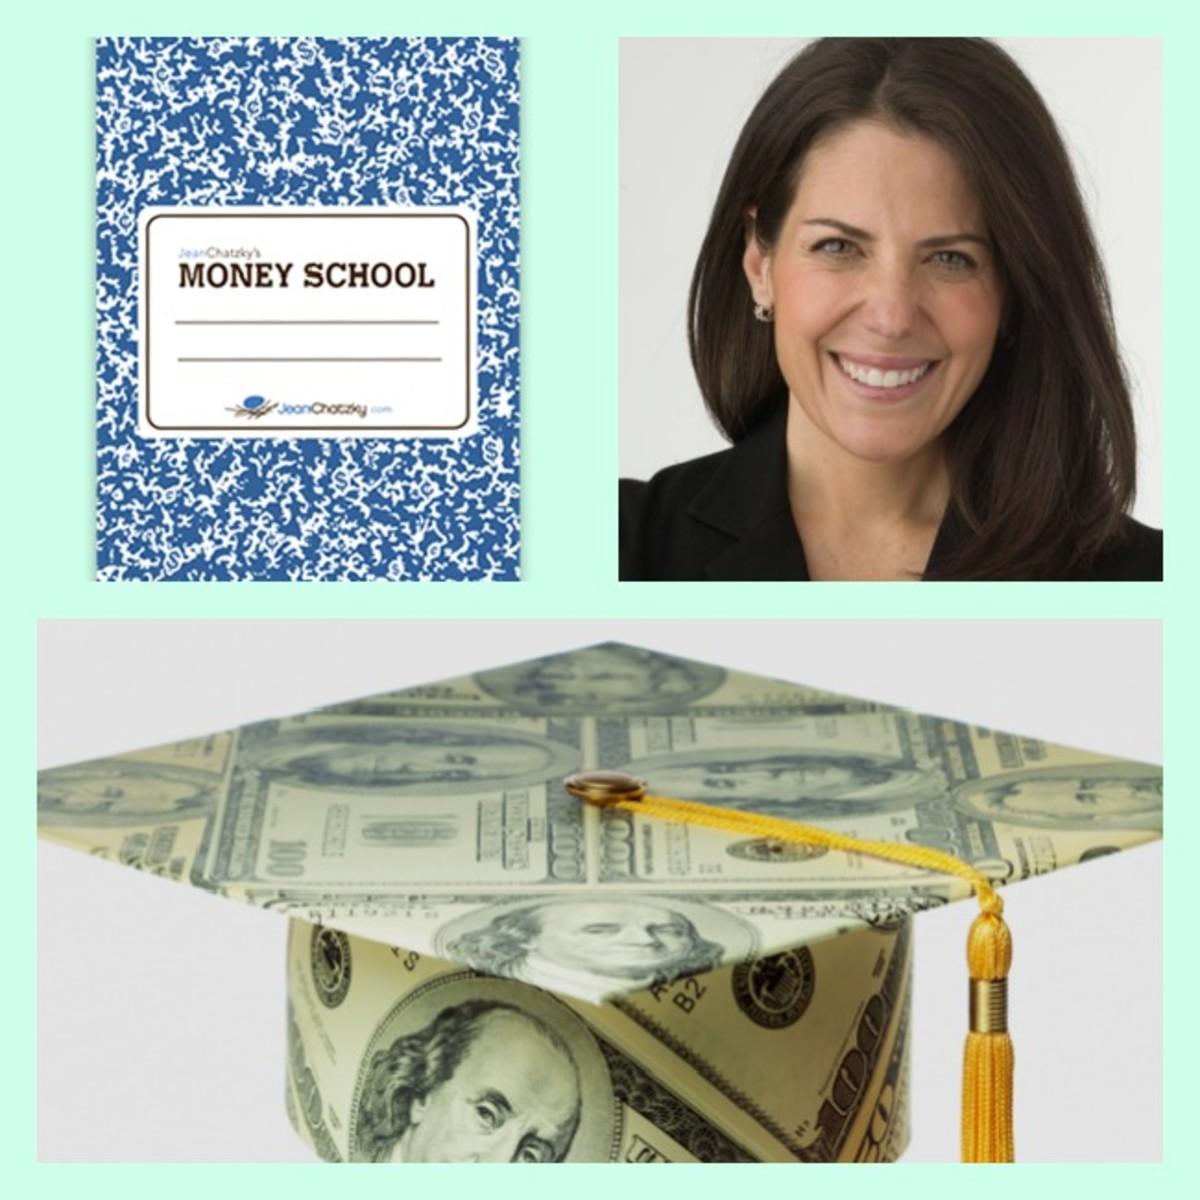 moneyschool